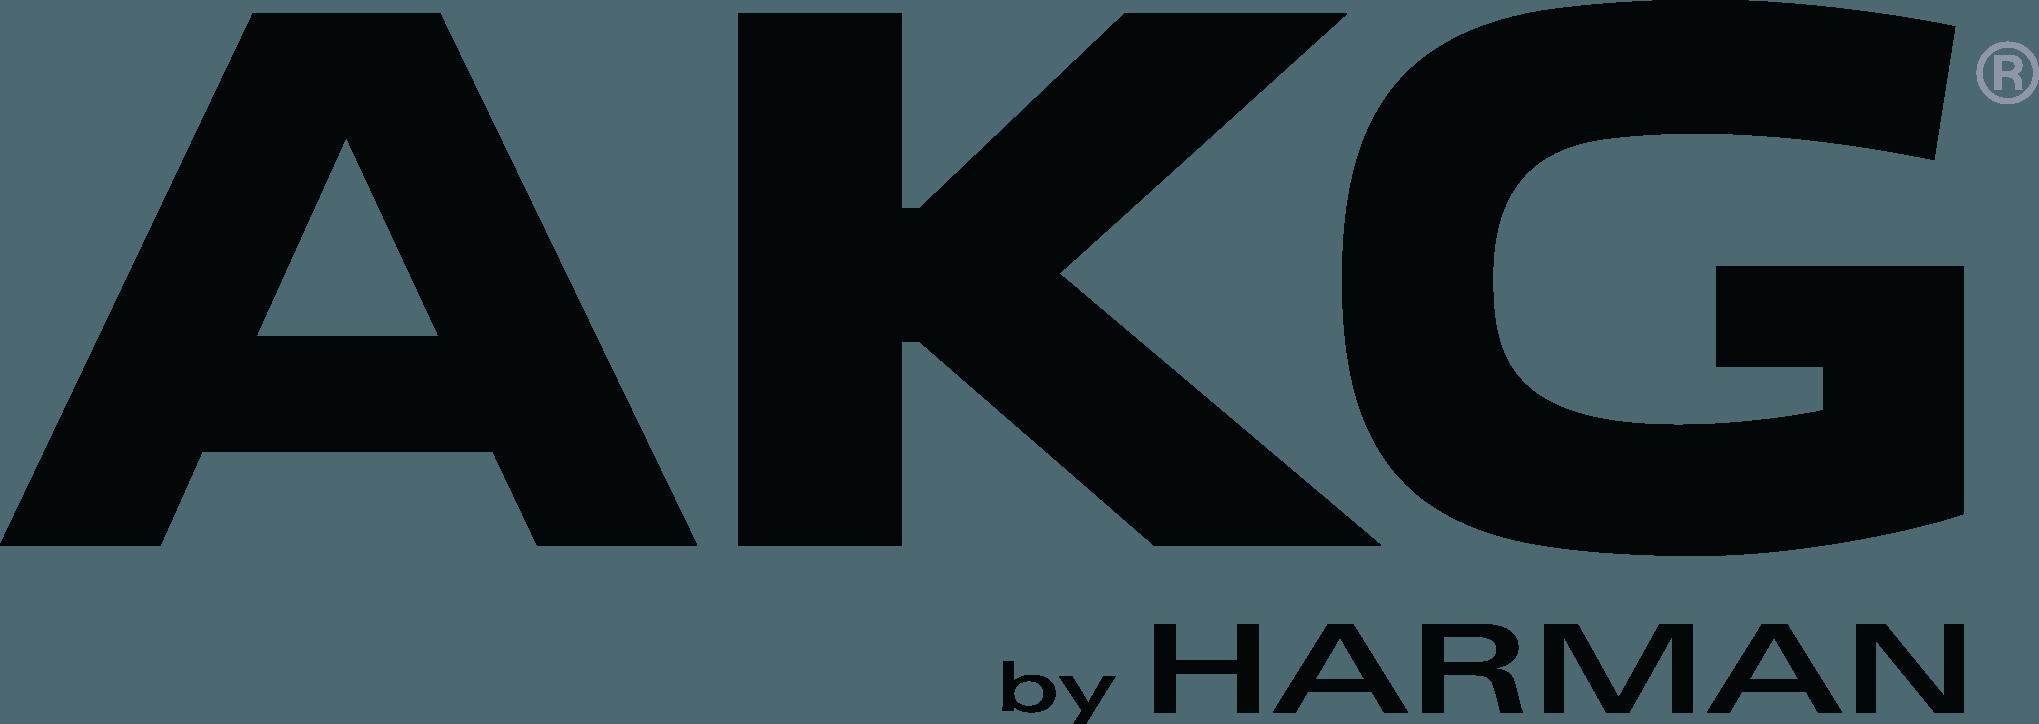 AKG_byHARMAN